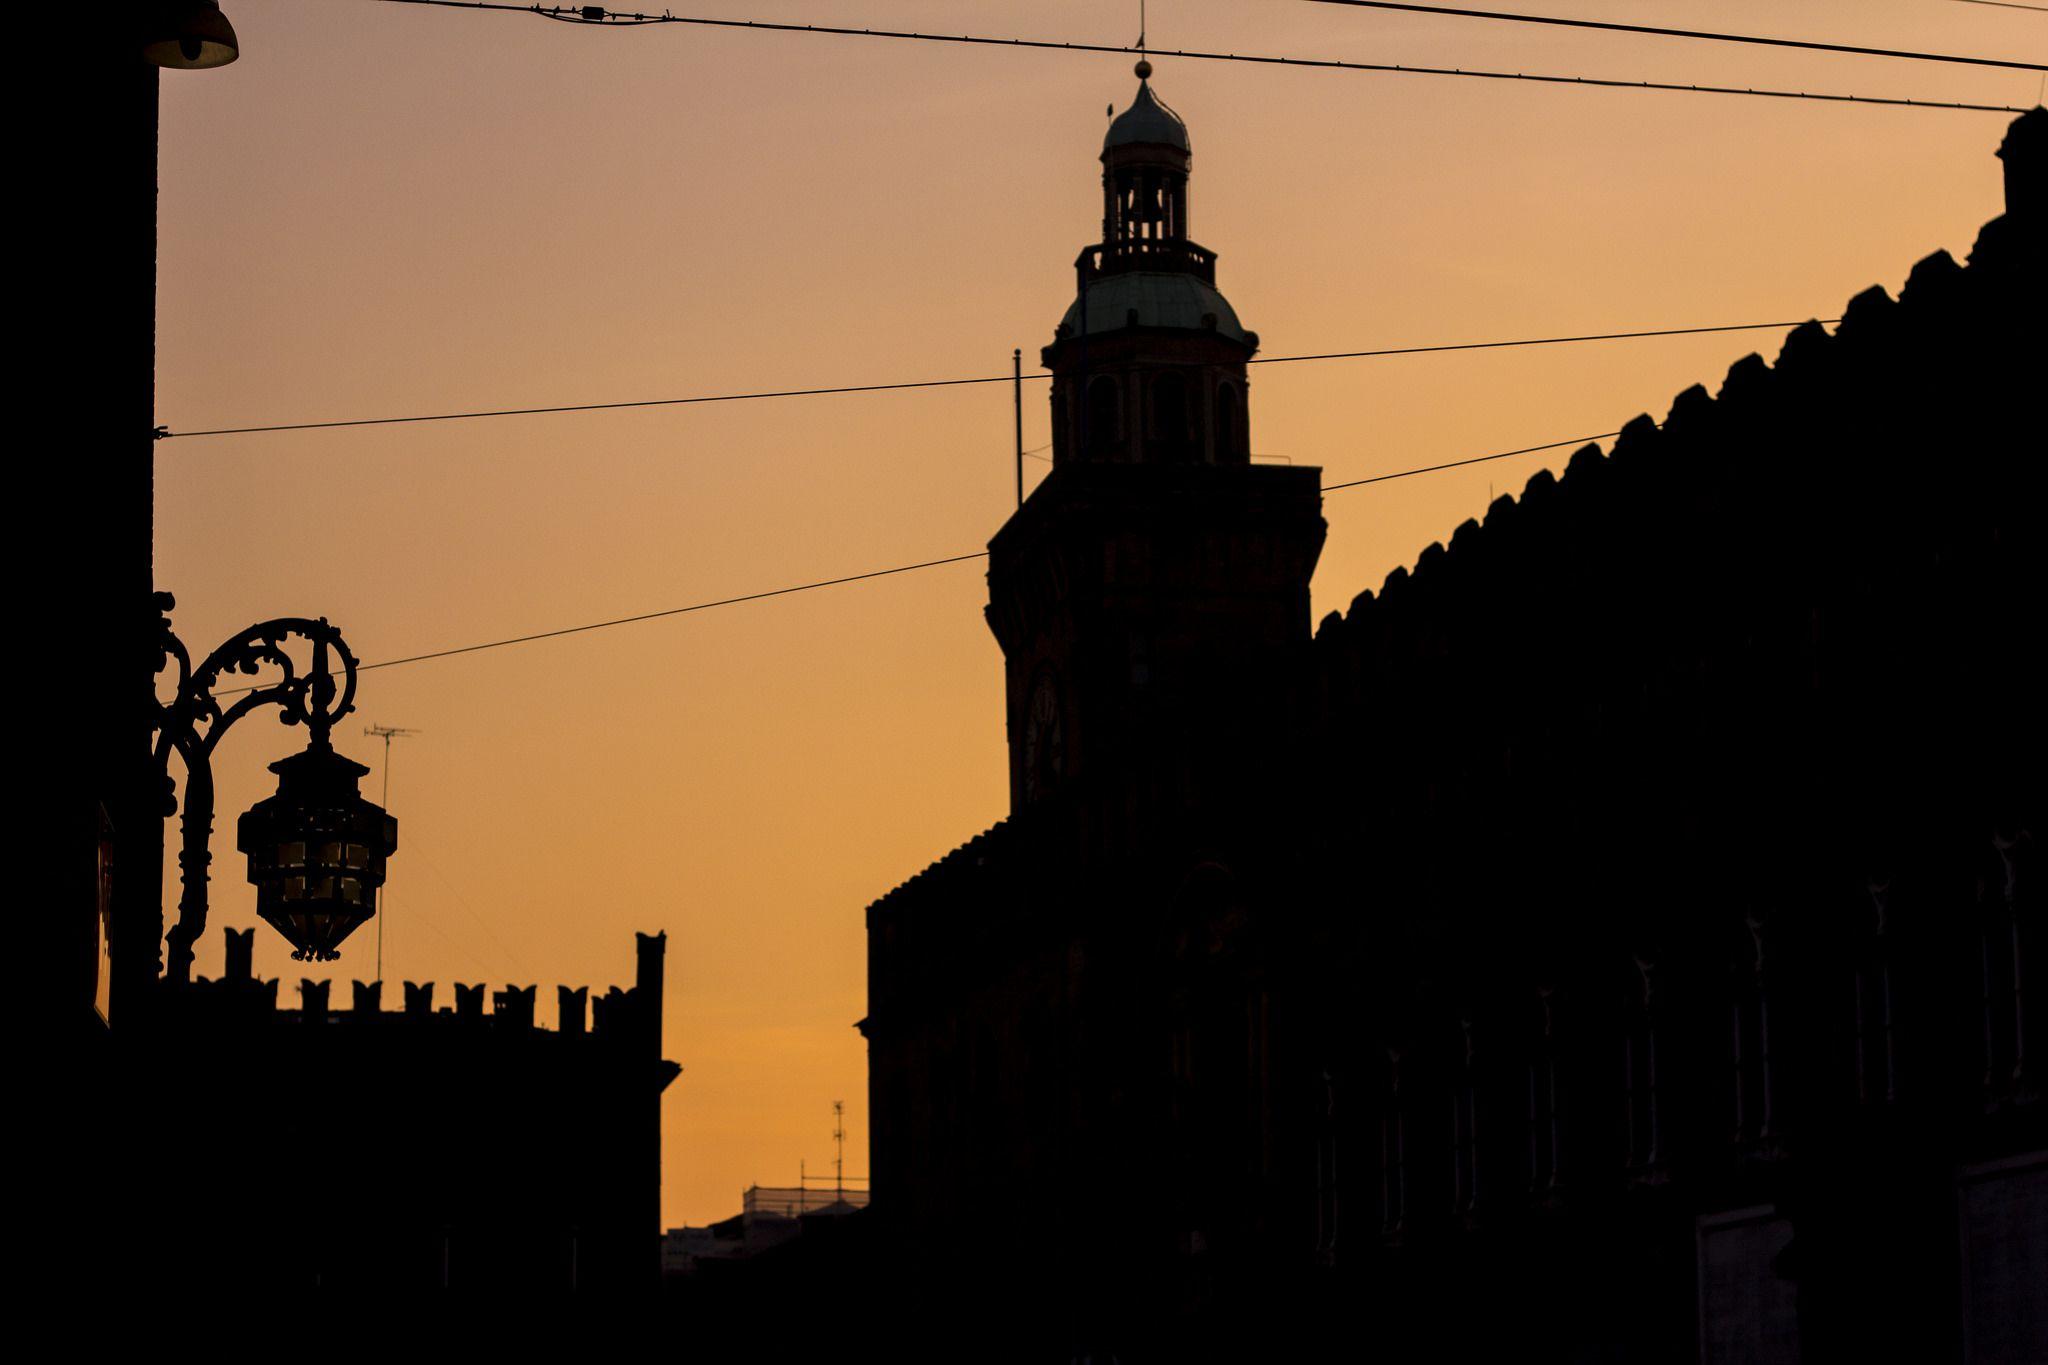 Nel 2011 abbiamo fatto una concreta campagna per far conoscere, valorizzare e restaurare il lampione monumentale più importante di Bologna. Ci siamo riusciti: http://www.archilovers.com/projects/38663/ideazione-e-realizzazione-restauro-lampione-d-angolo-di-palazzo-re-enzo-bologna-valorizzazione-opera-d-arte.html#info https://www.facebook.com/Illampionedibologna - PROGETTO E DIREZIONE DEI LAVORI: Arch. Francisco Giordano